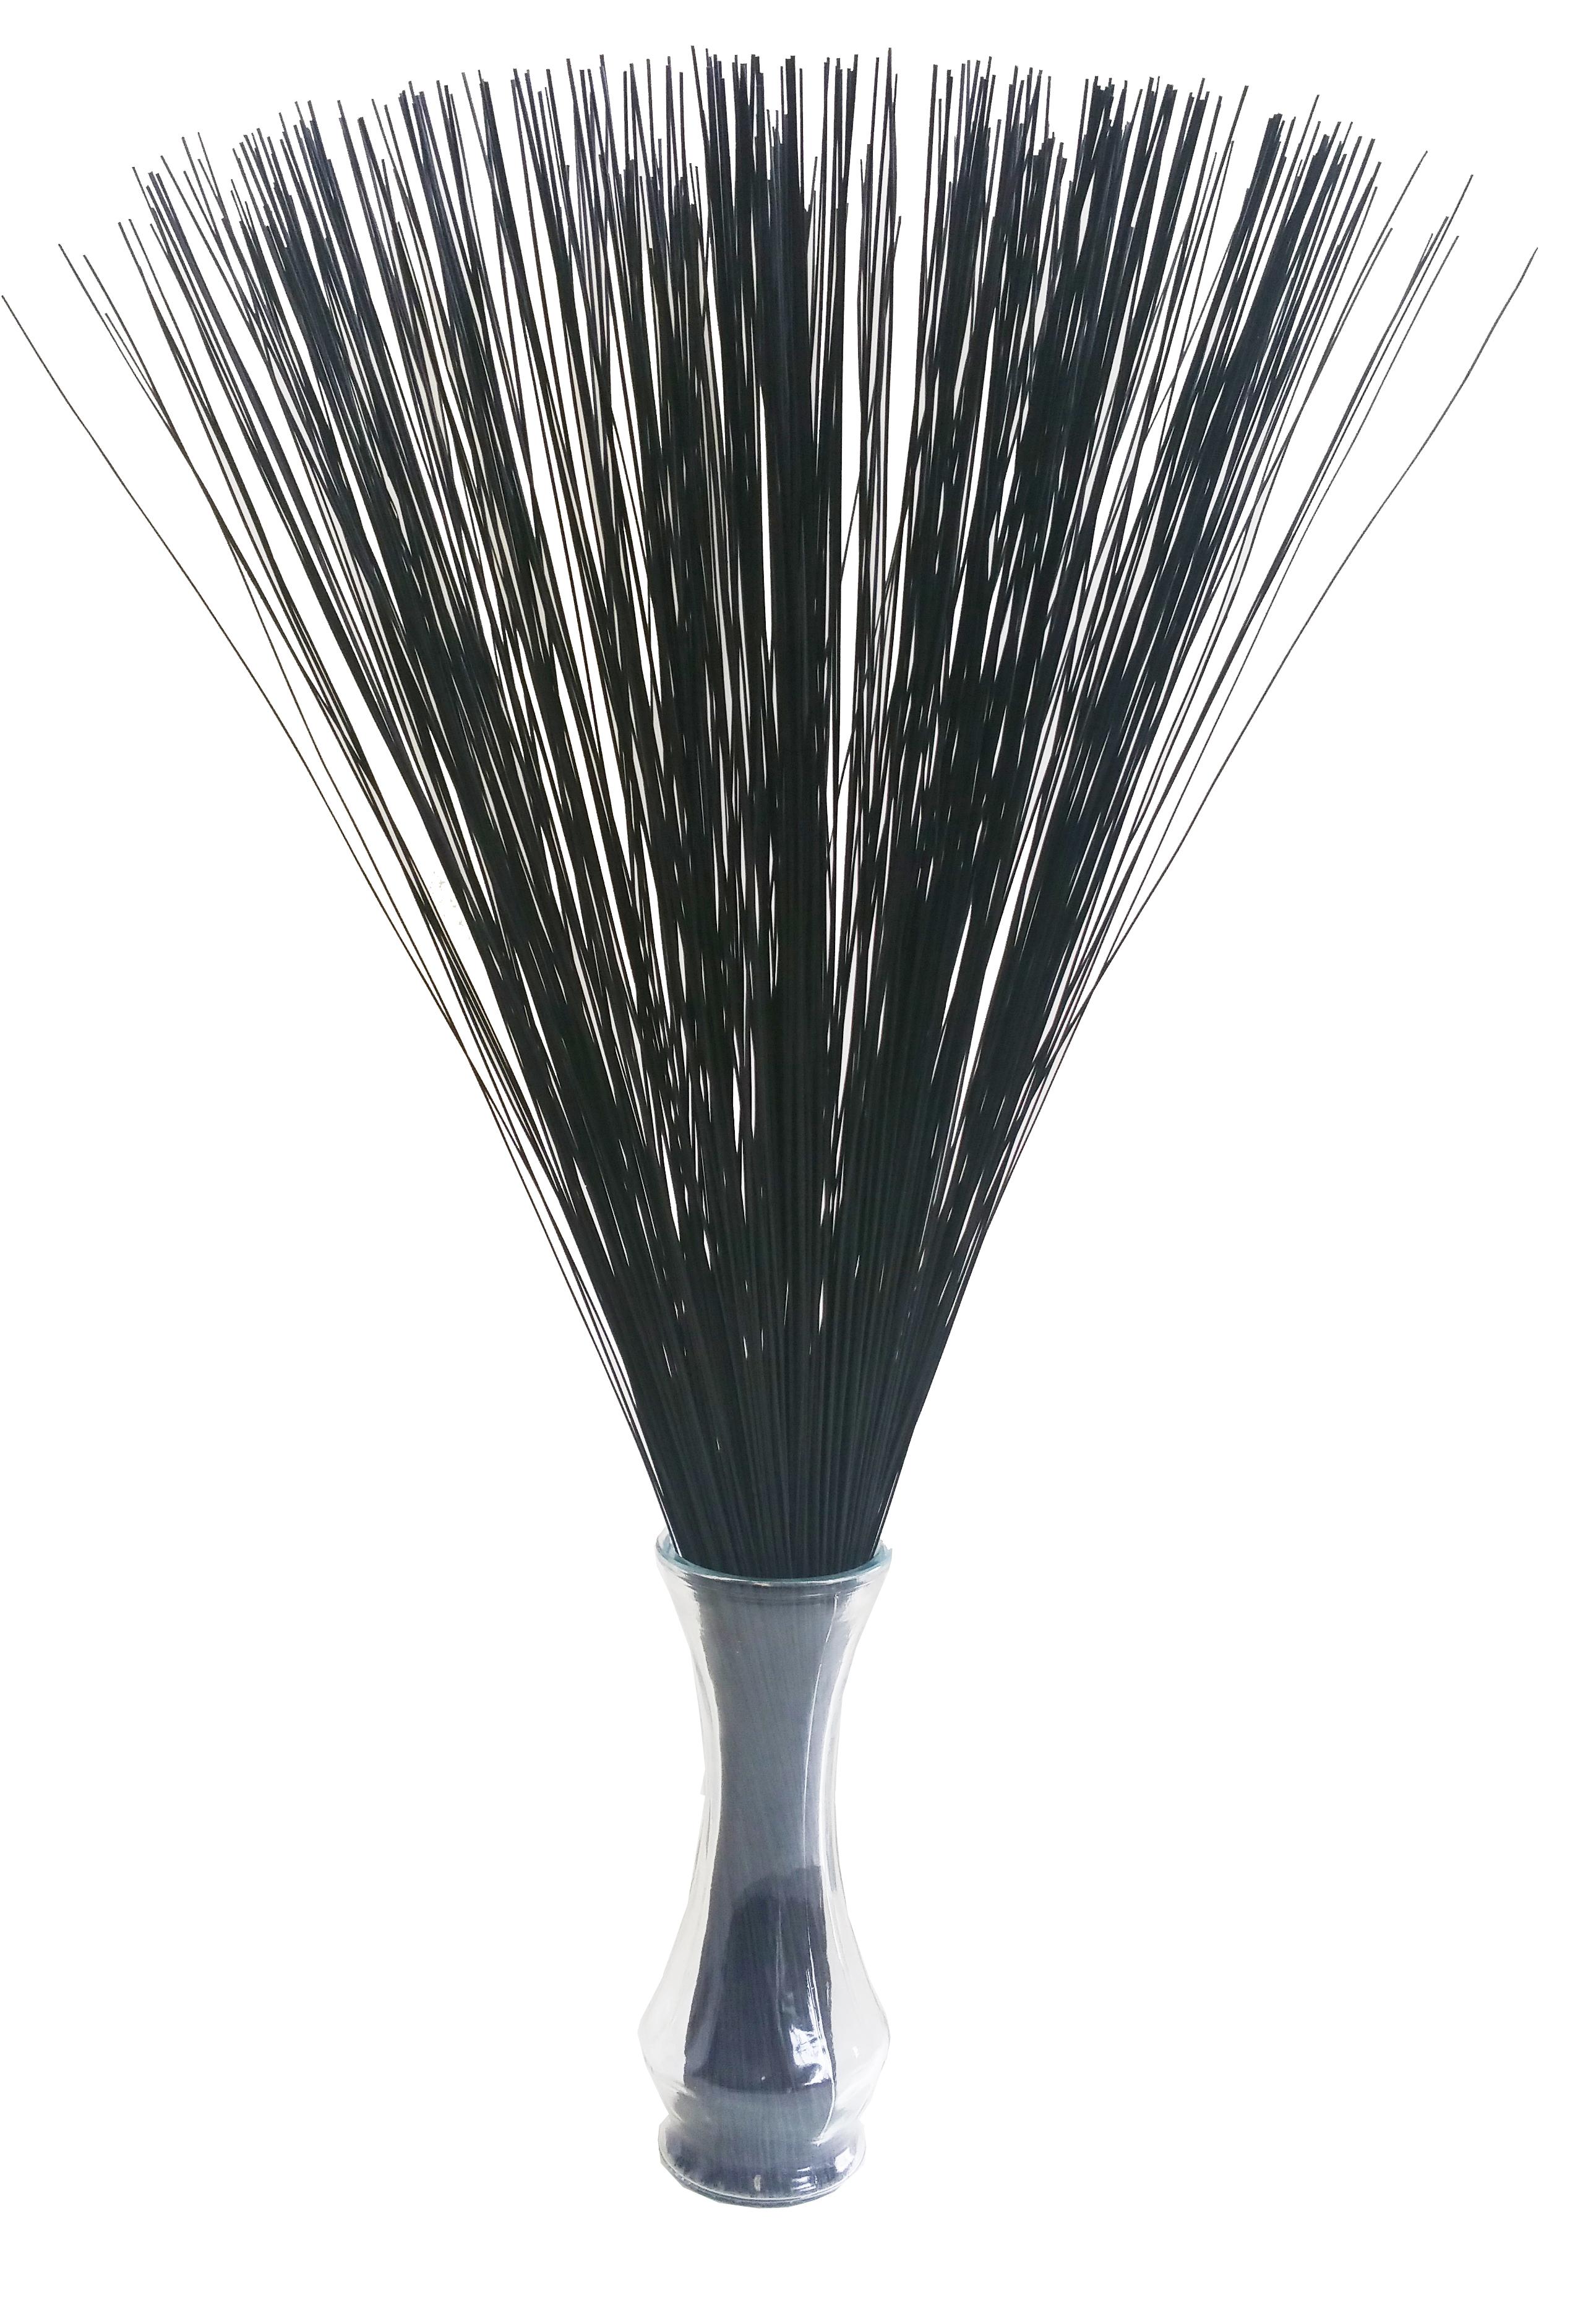 【イ草フラワー ブラック】Rush Grass Flower BLACK 70cm